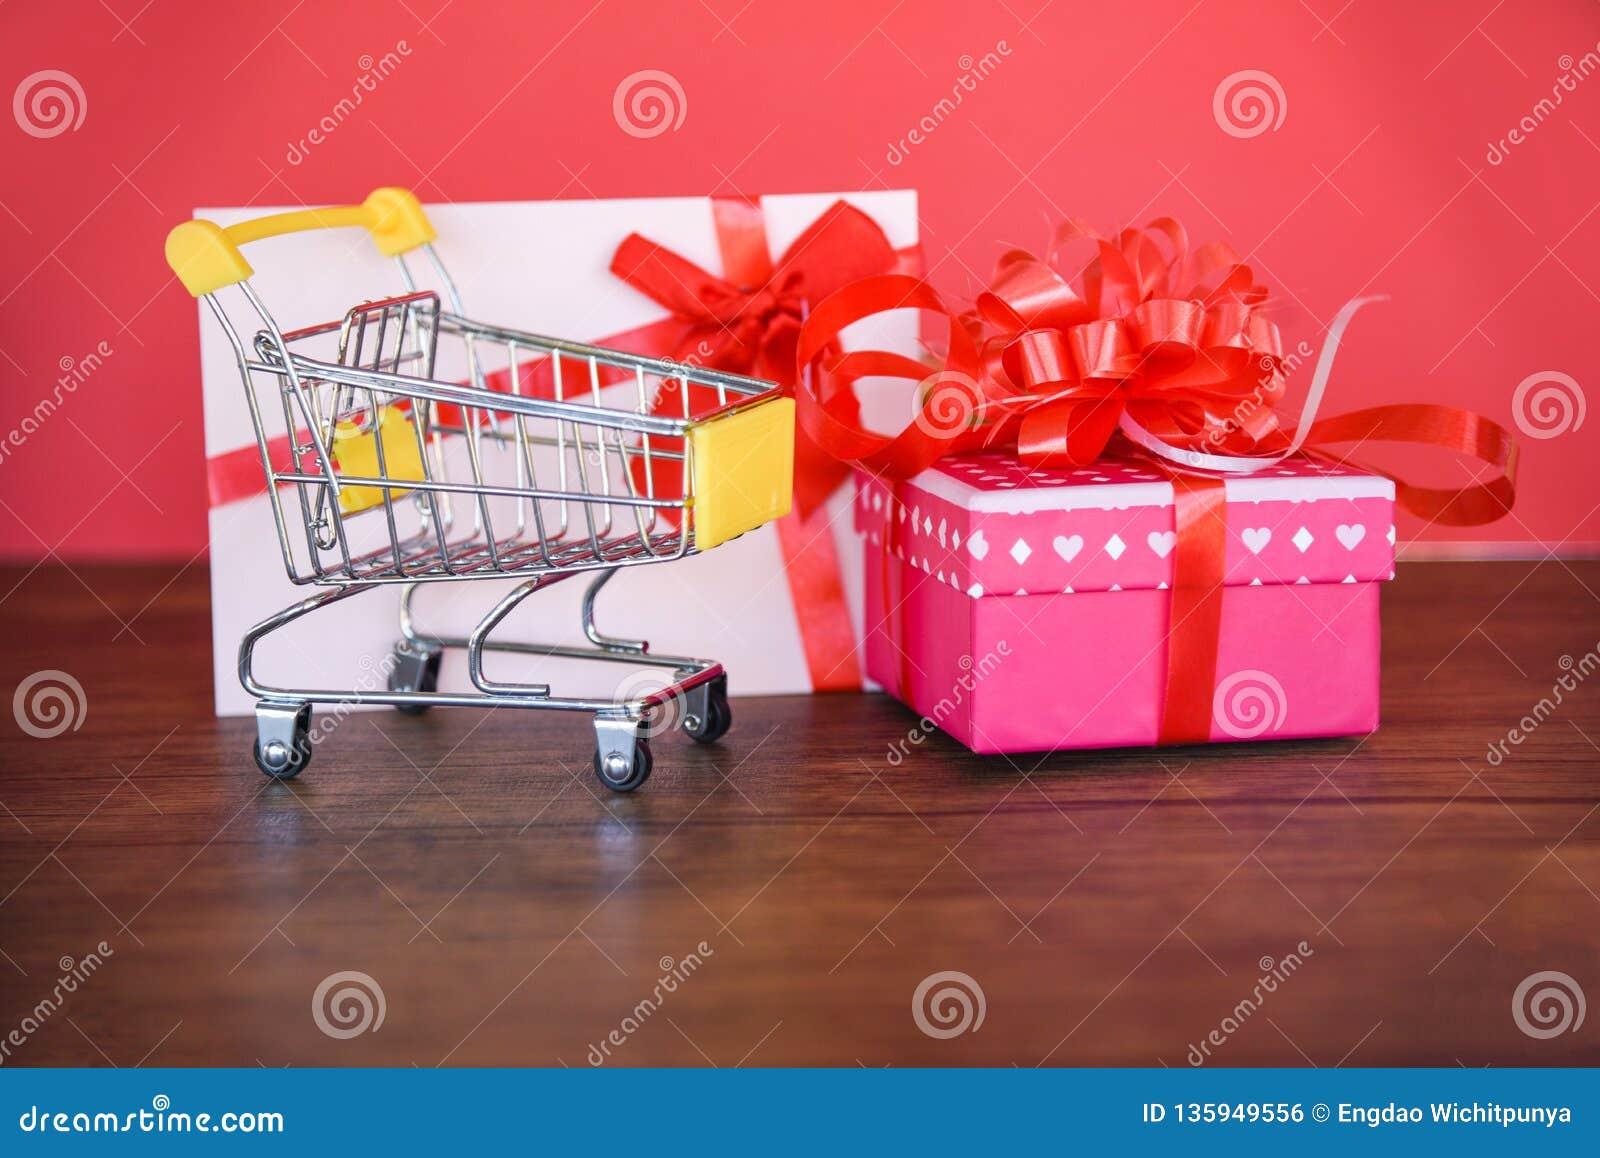 Compras de día de San Valentín y caja del rosa del carro de la compra de la caja de regalo de la tarjeta de regalo actual con la